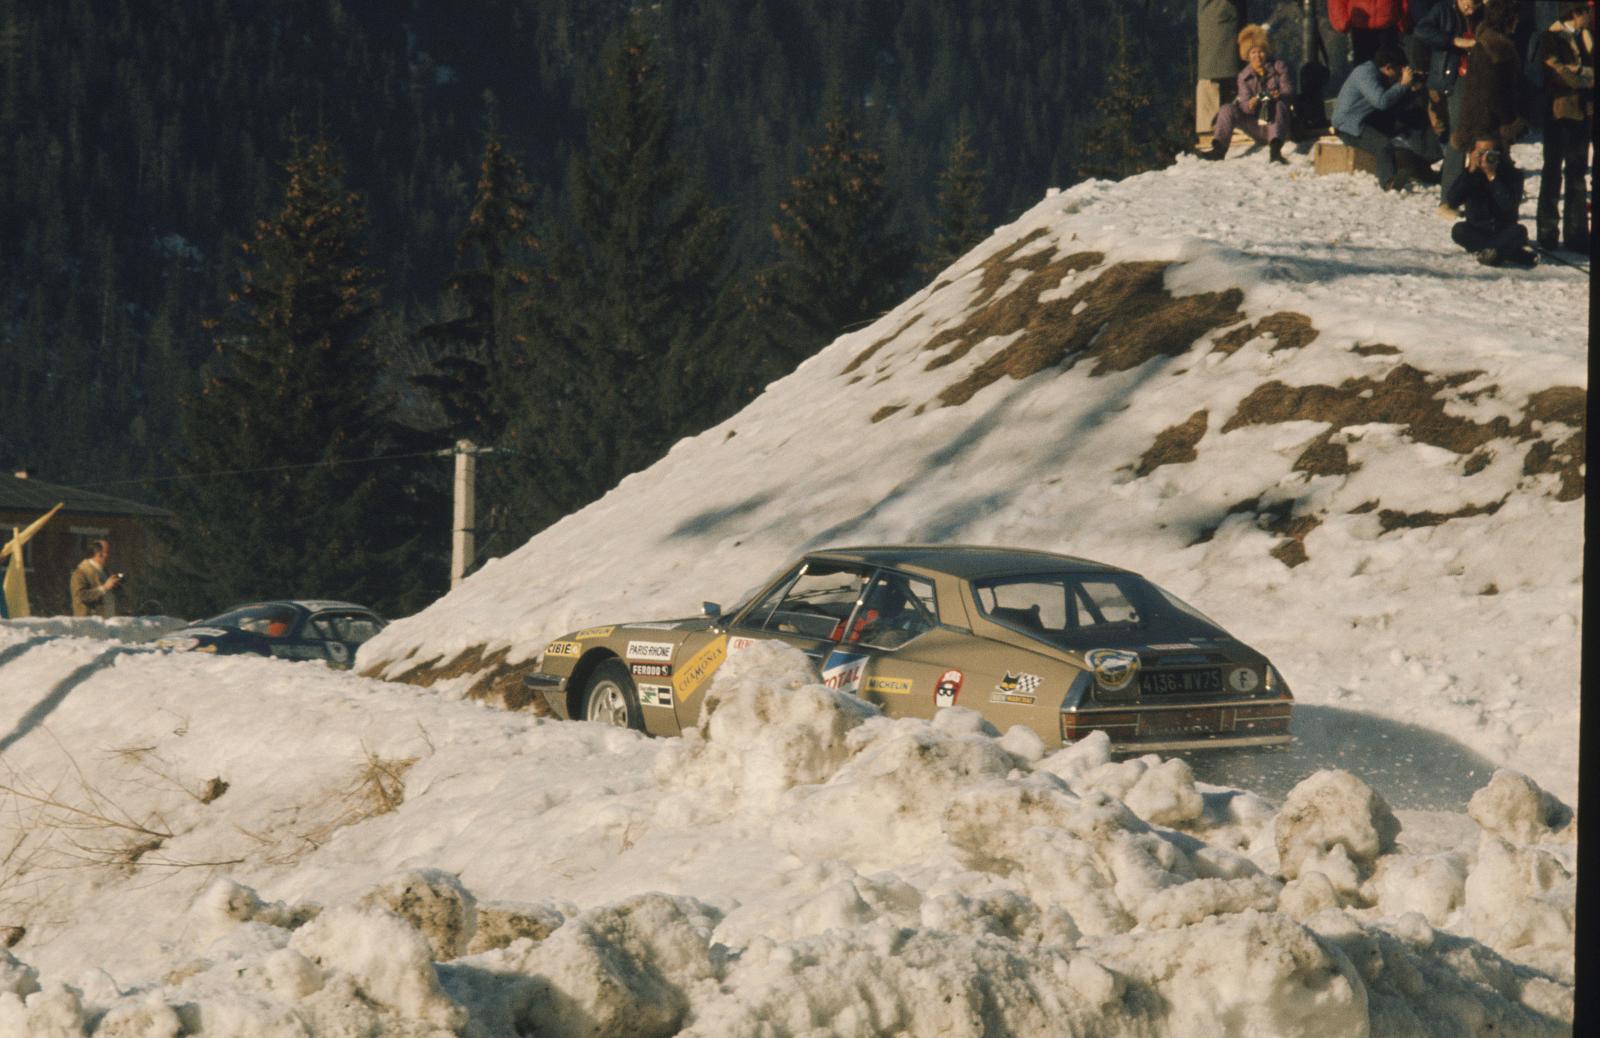 シャモニー冬季氷上ラウンドレース - SM - 1972年 - リアビュー